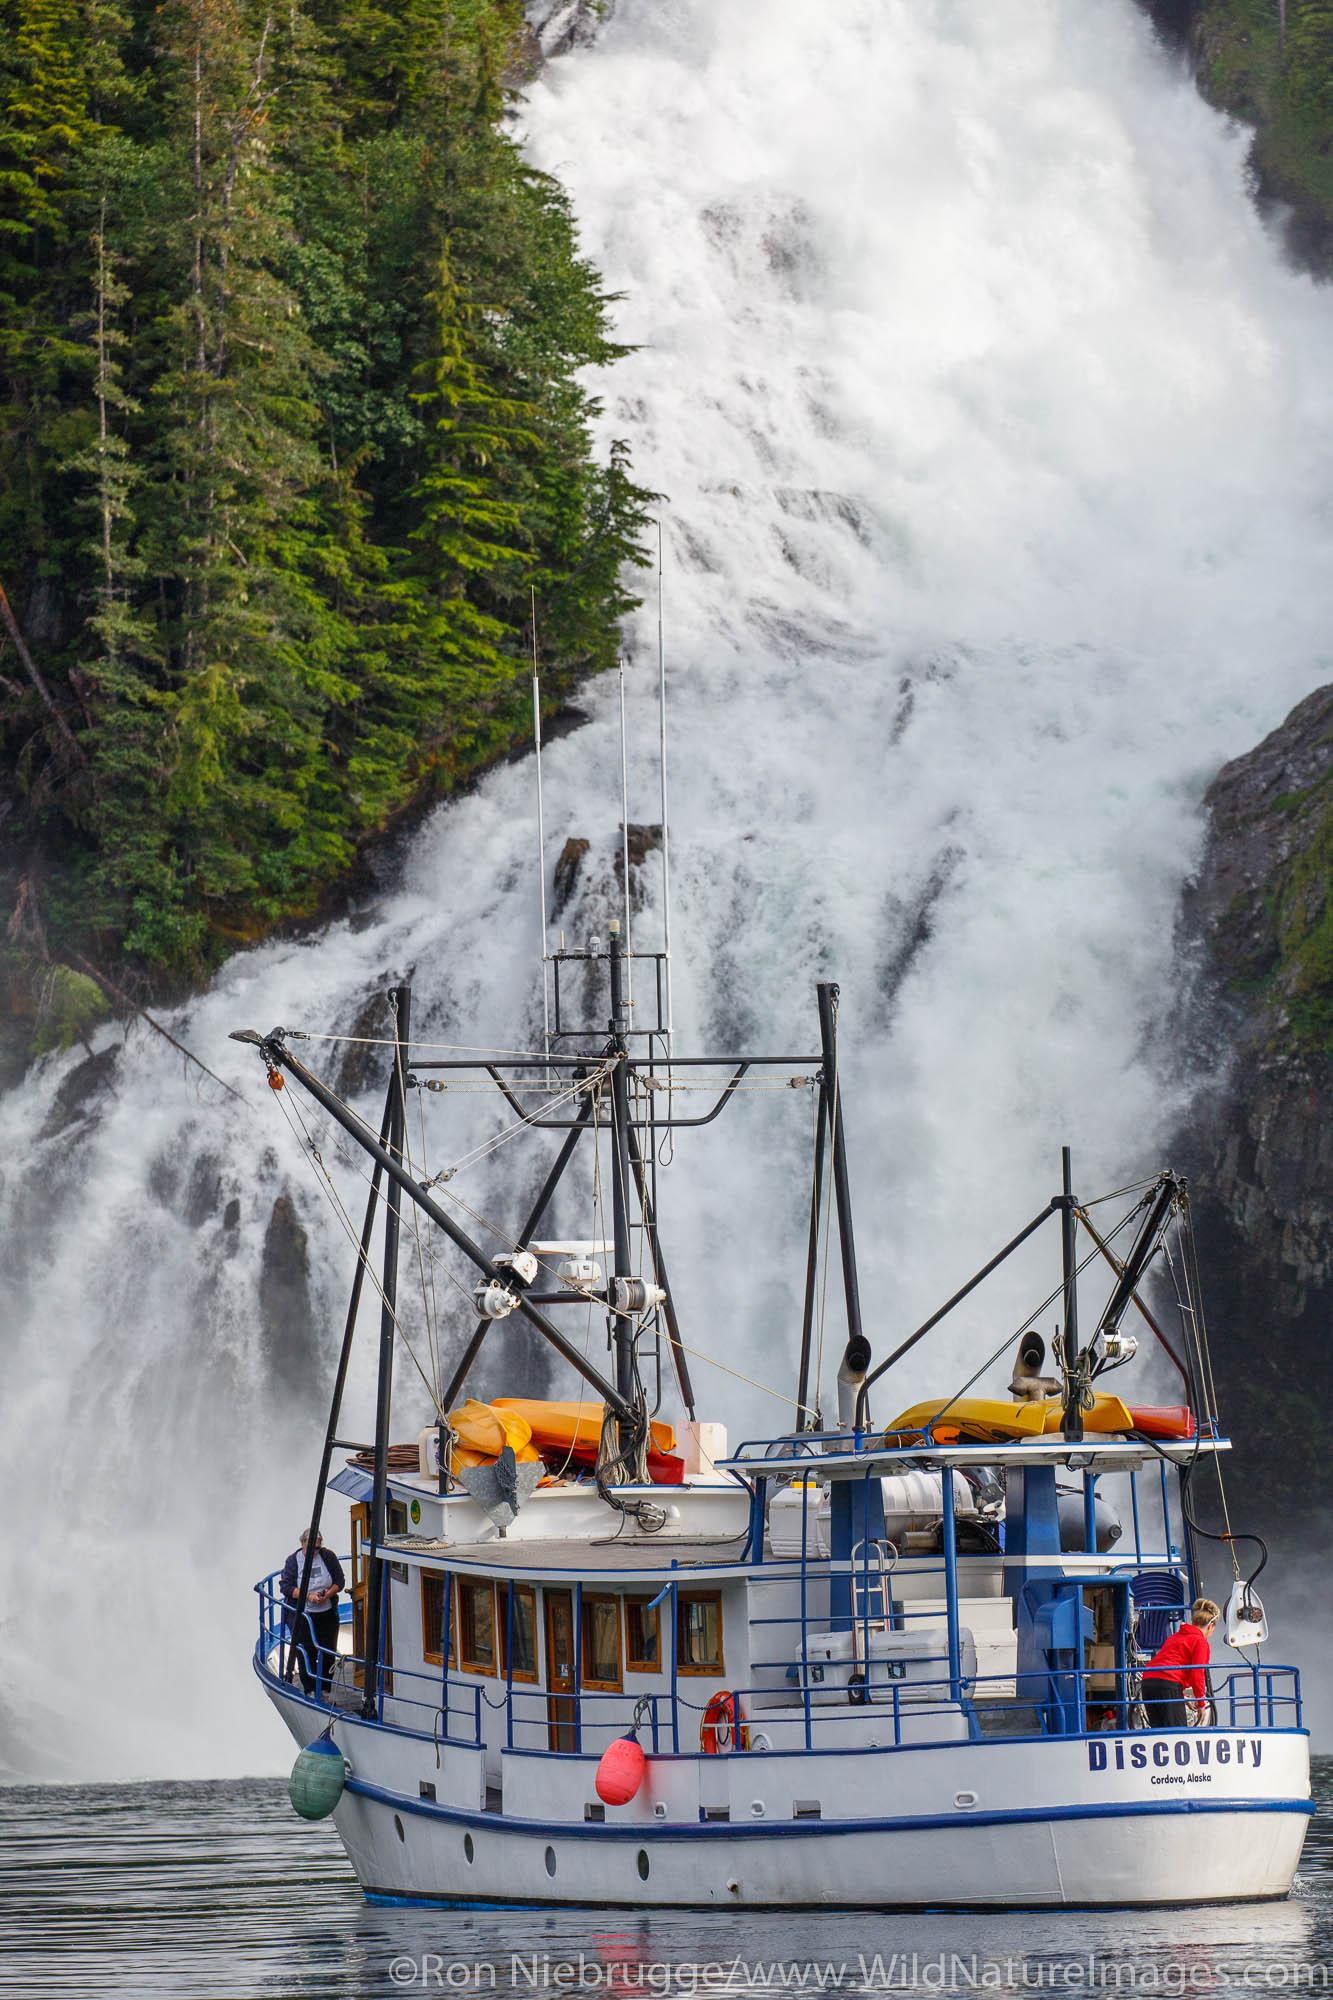 Cascade Falls, Prince William Sound, Chugach National Forest, Alaska.